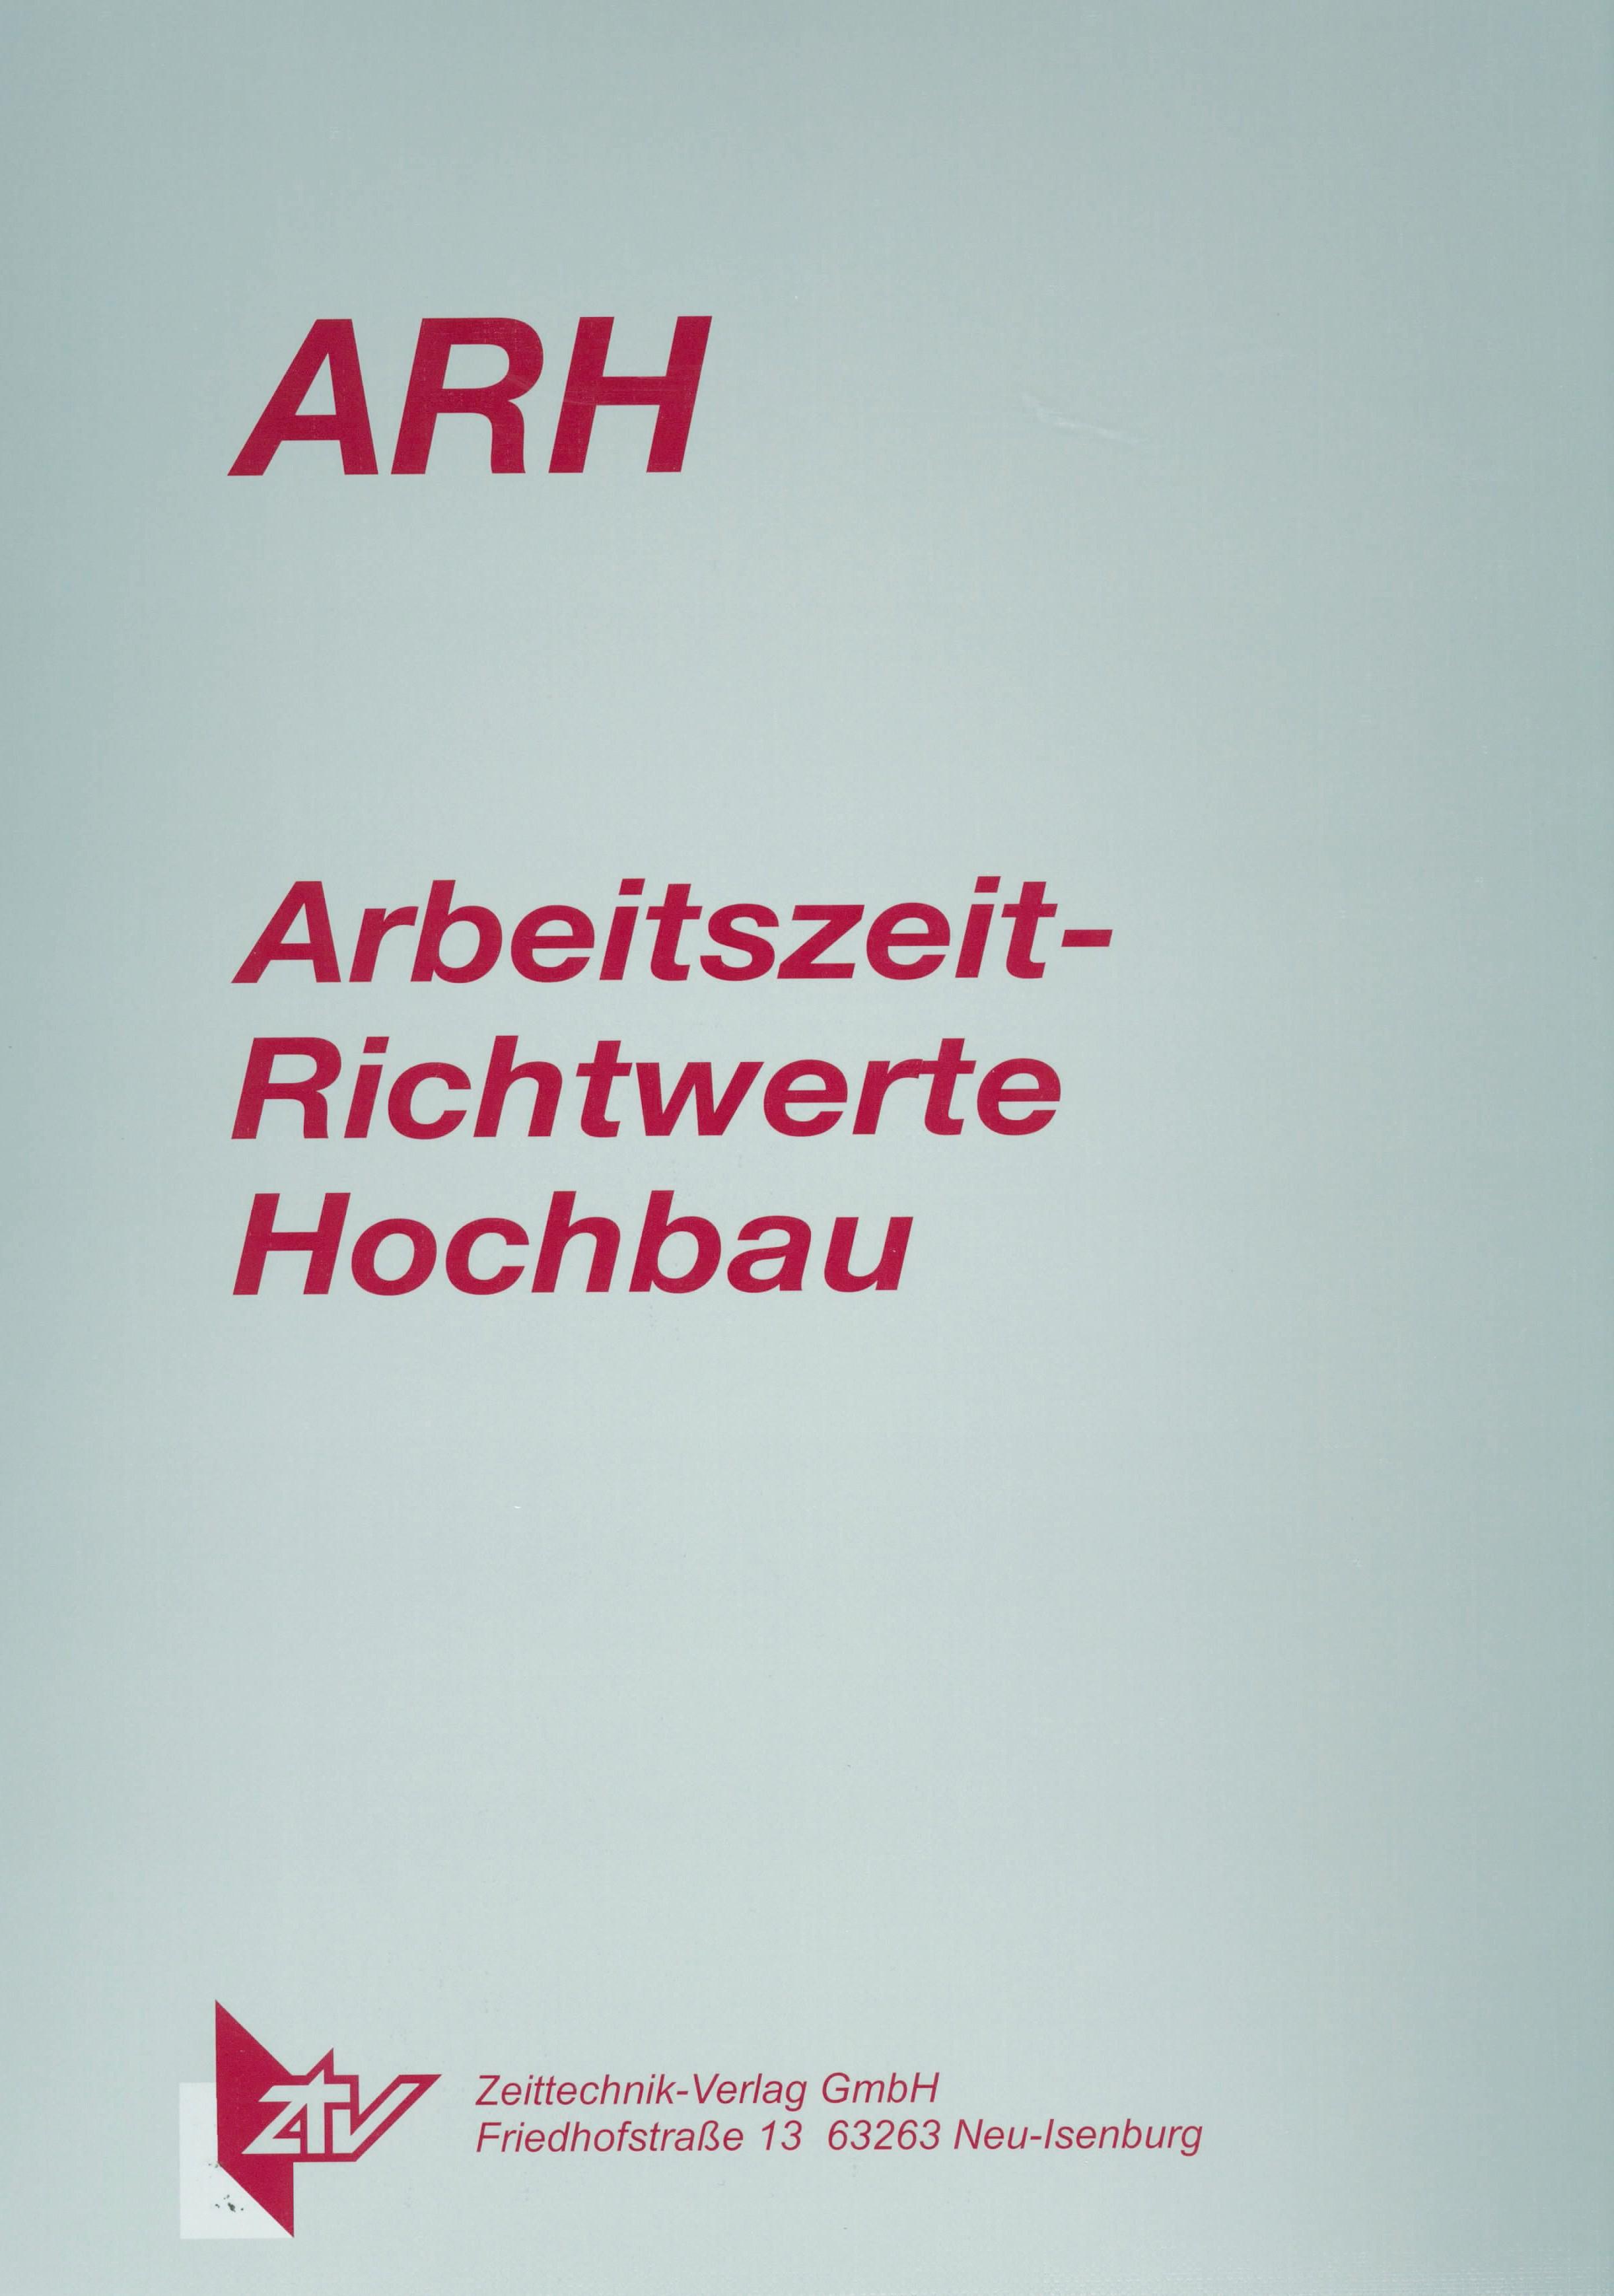 ARH-Tabelle Bewehrungsarbeiten